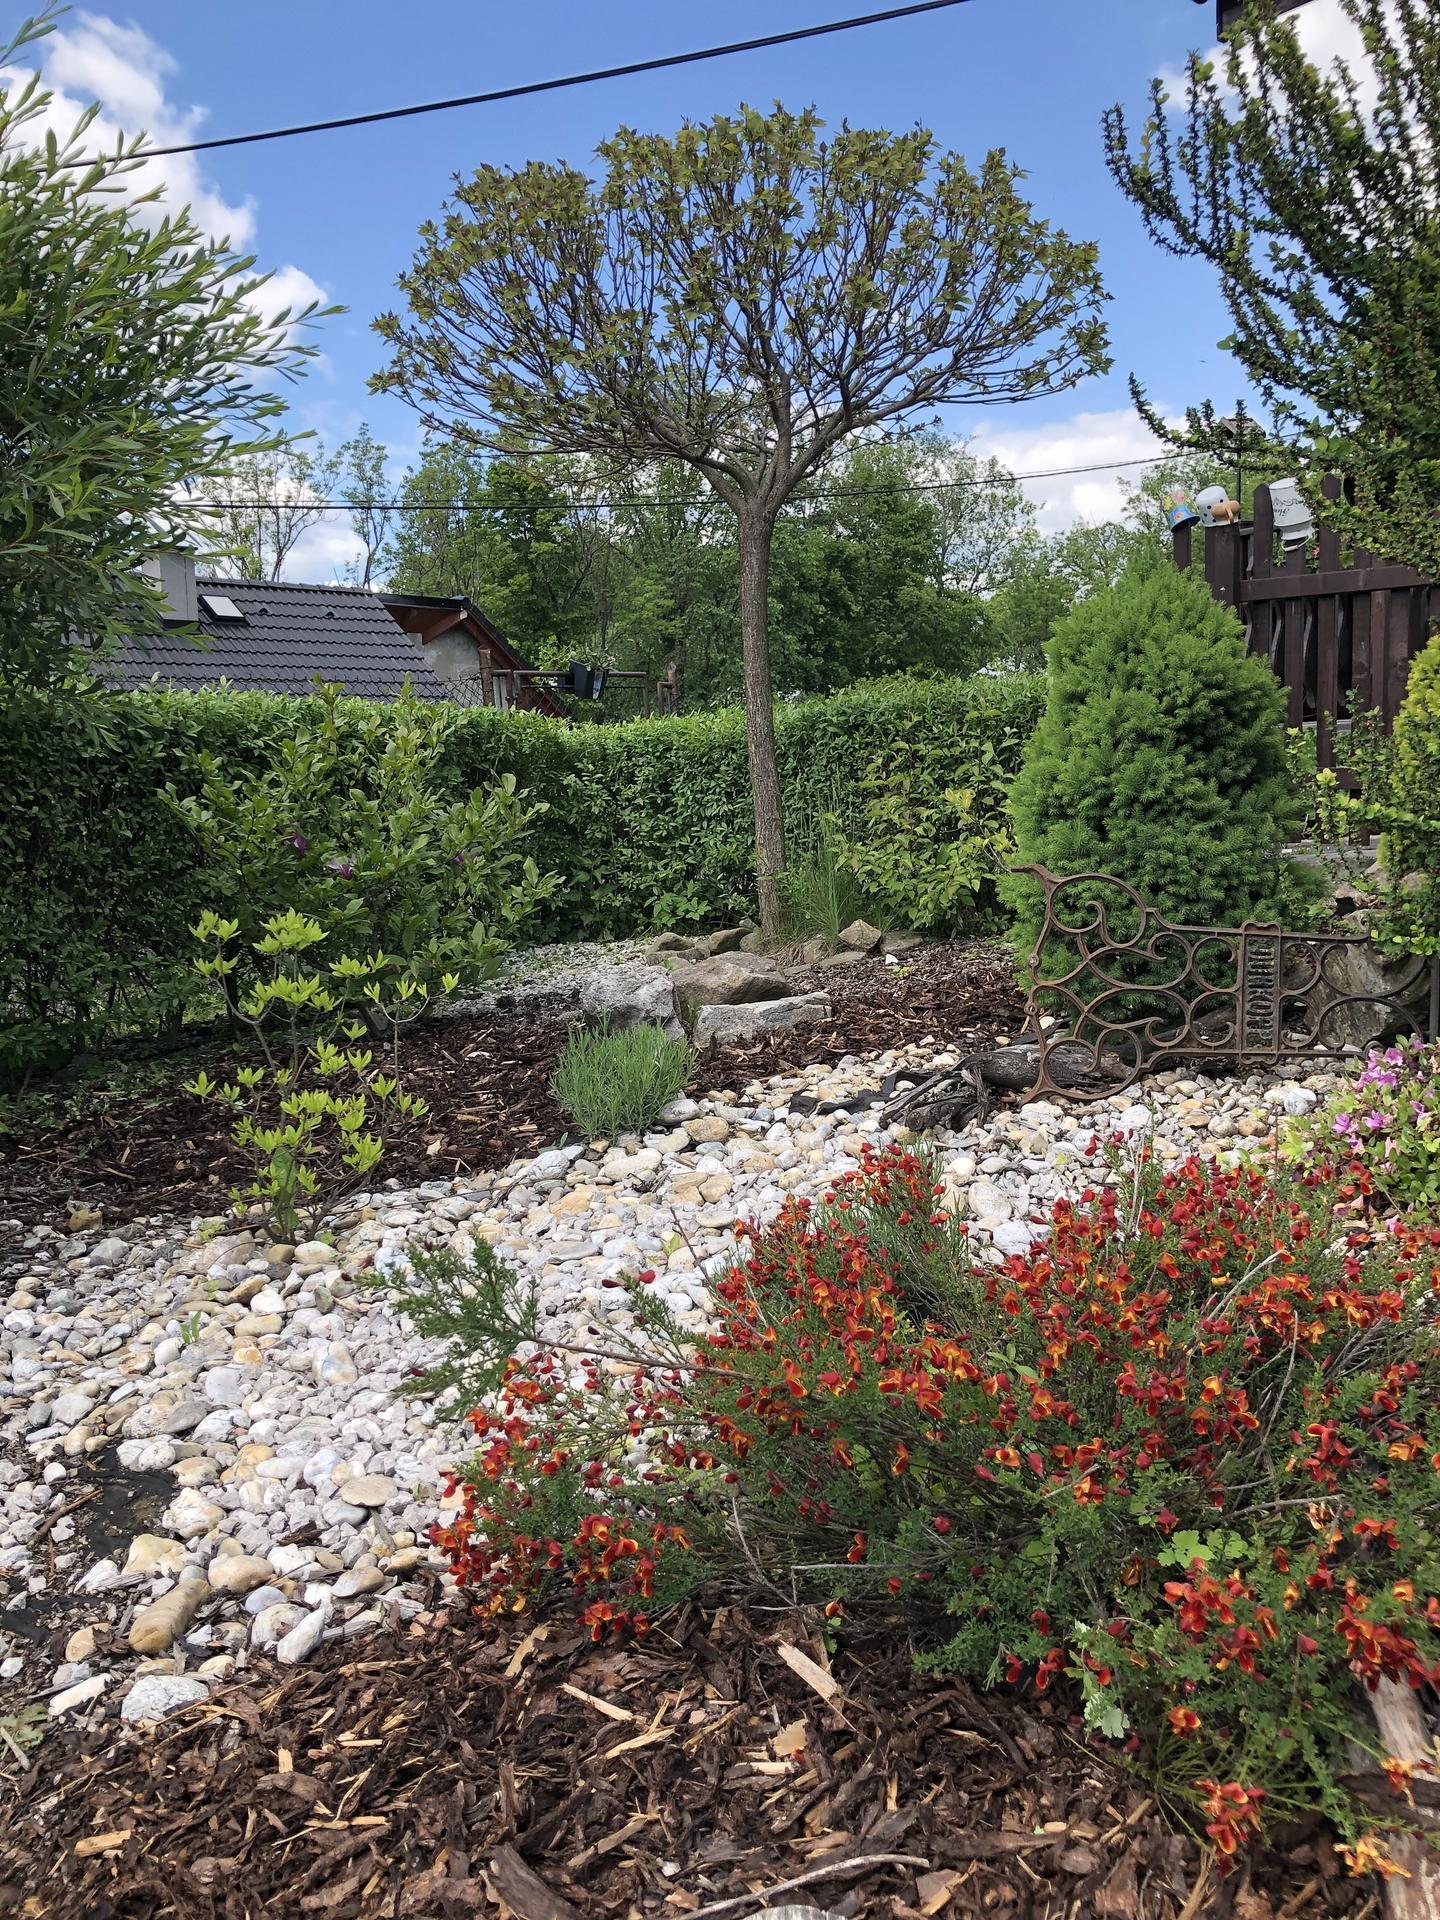 U nás doma a na zahradě 2020 - Obrázek č. 72